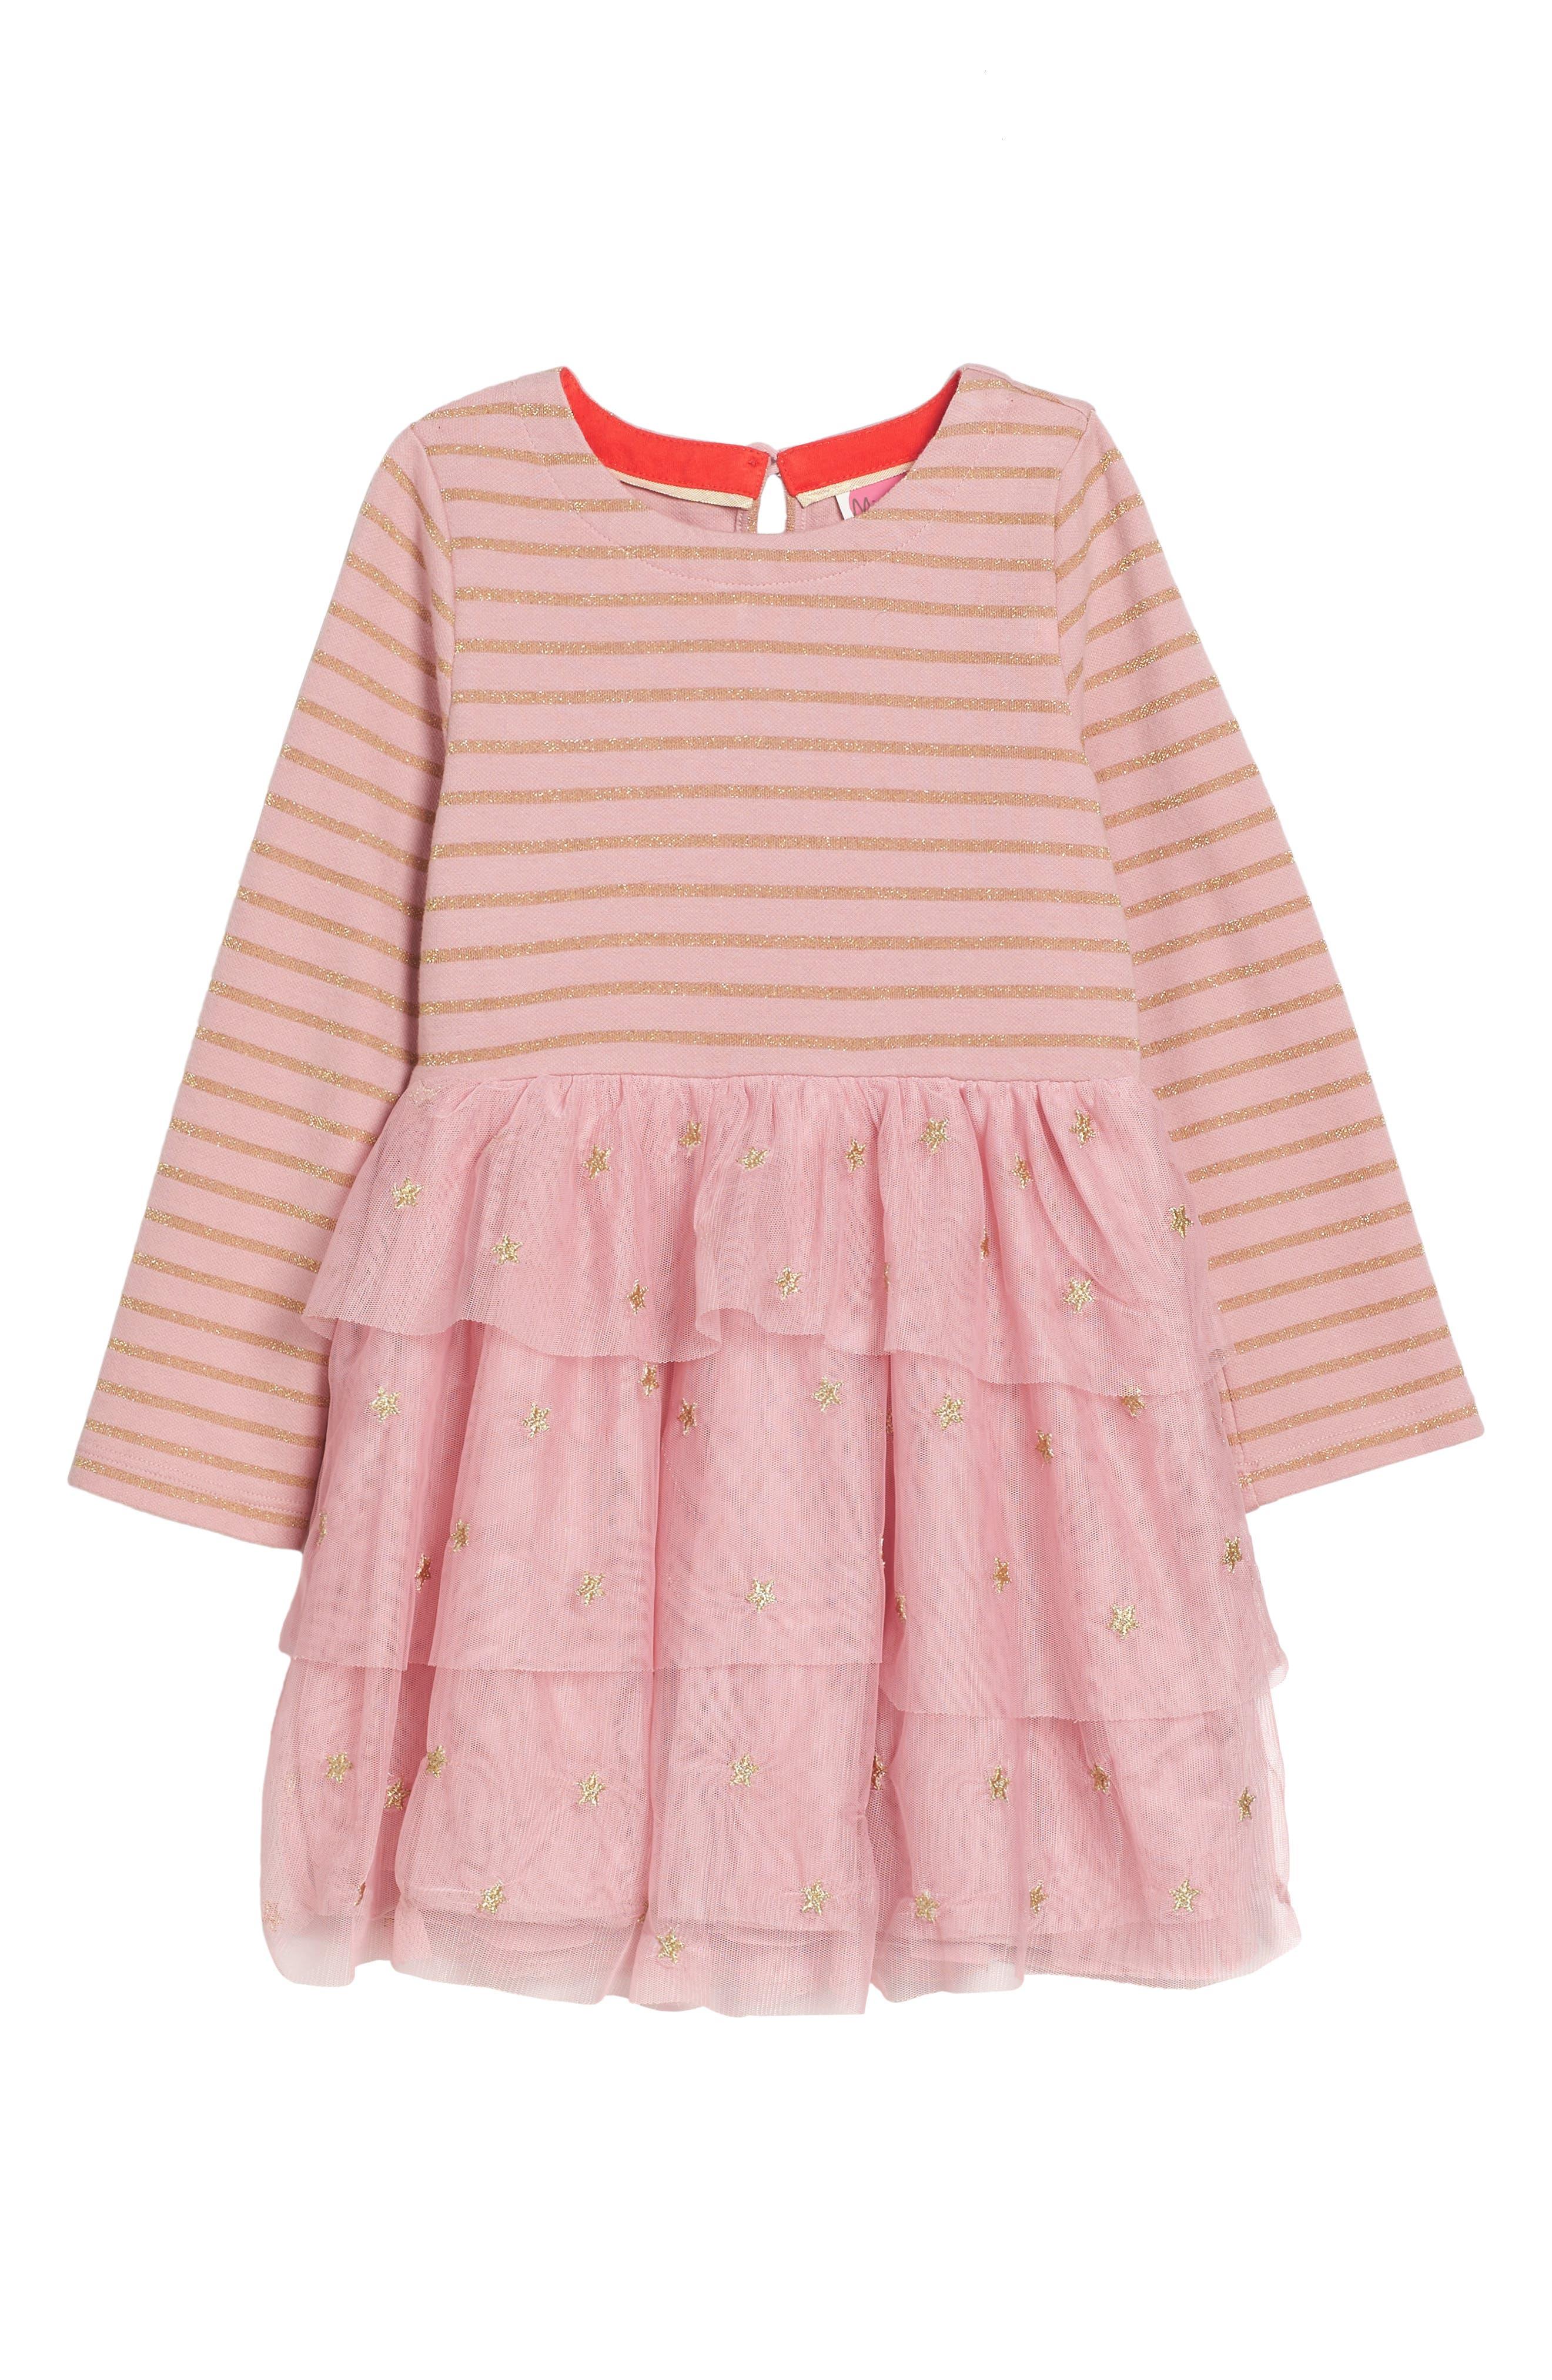 Mixed Media Dress,                             Main thumbnail 1, color,                             664